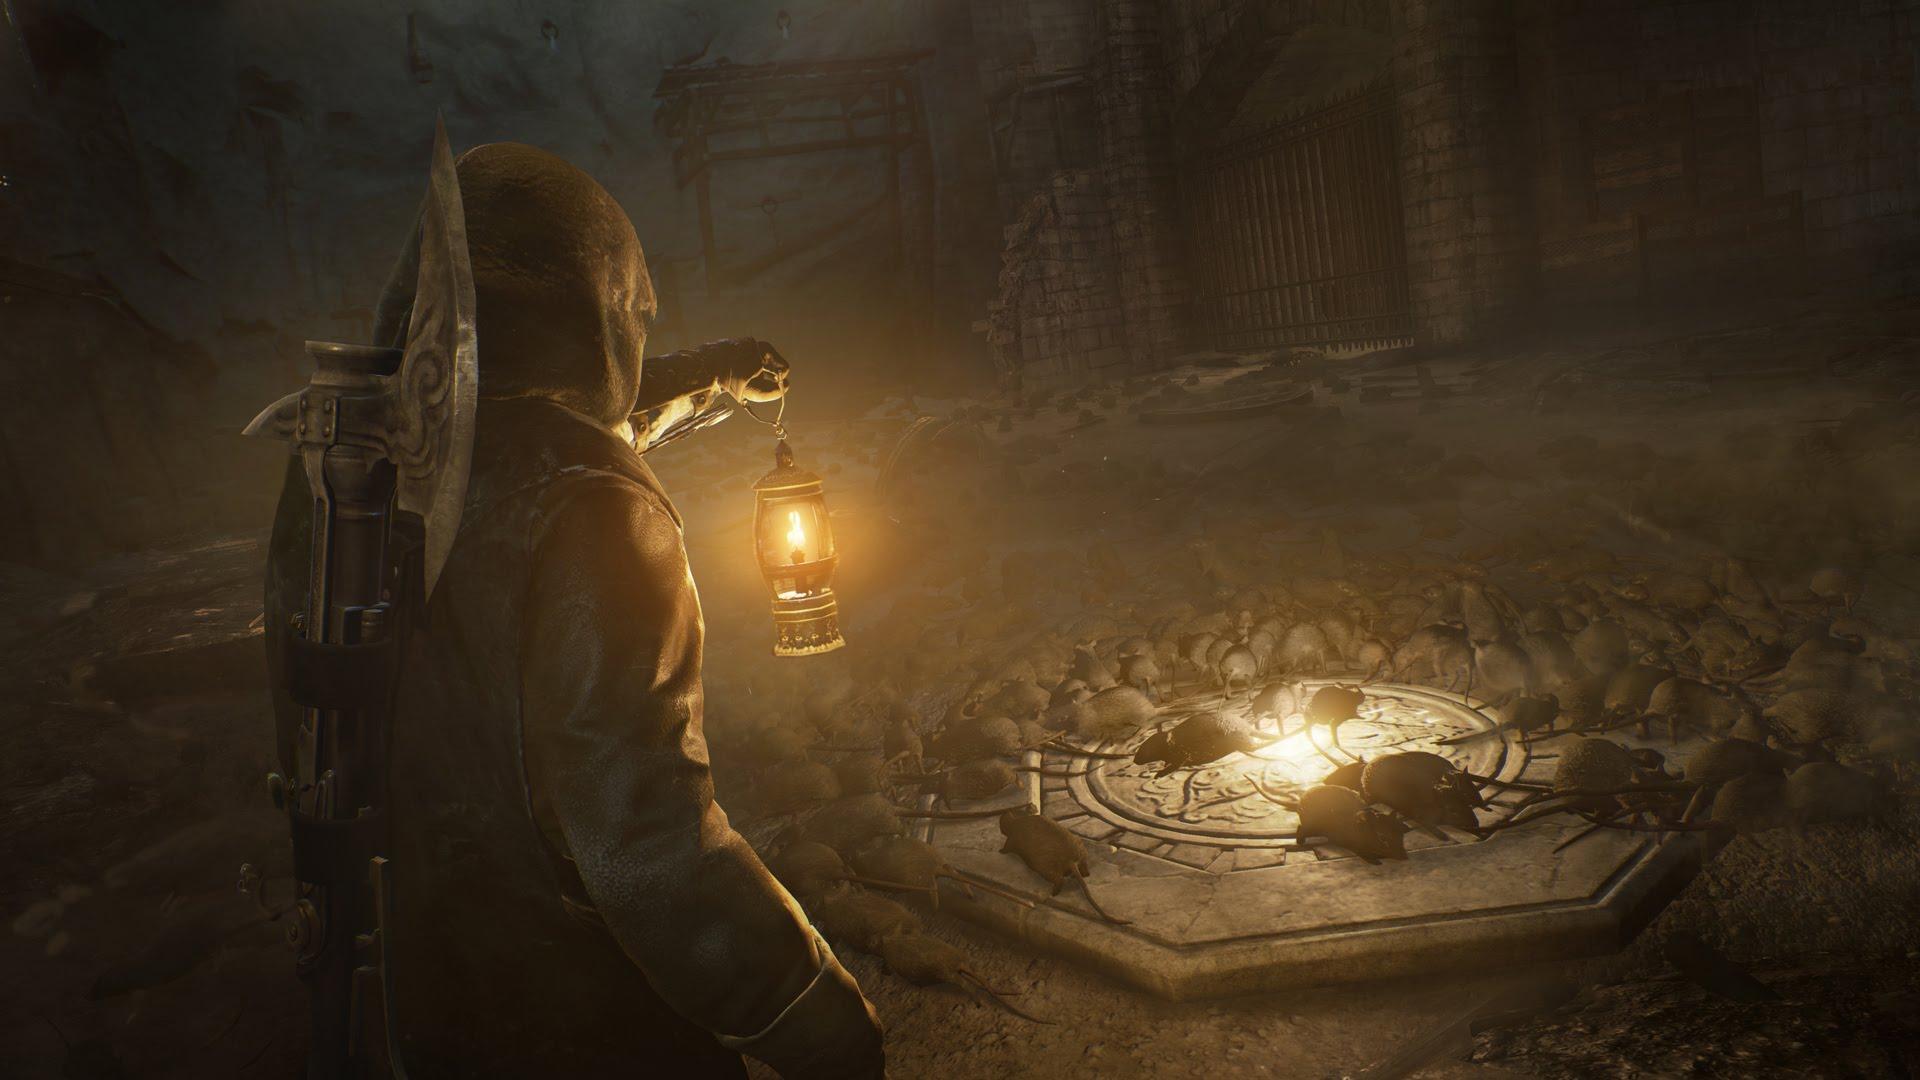 『アサシンクリード ユニティ』無料DLC「デッドキング」が1月13日より順次配信決定!トレーラーも公開に